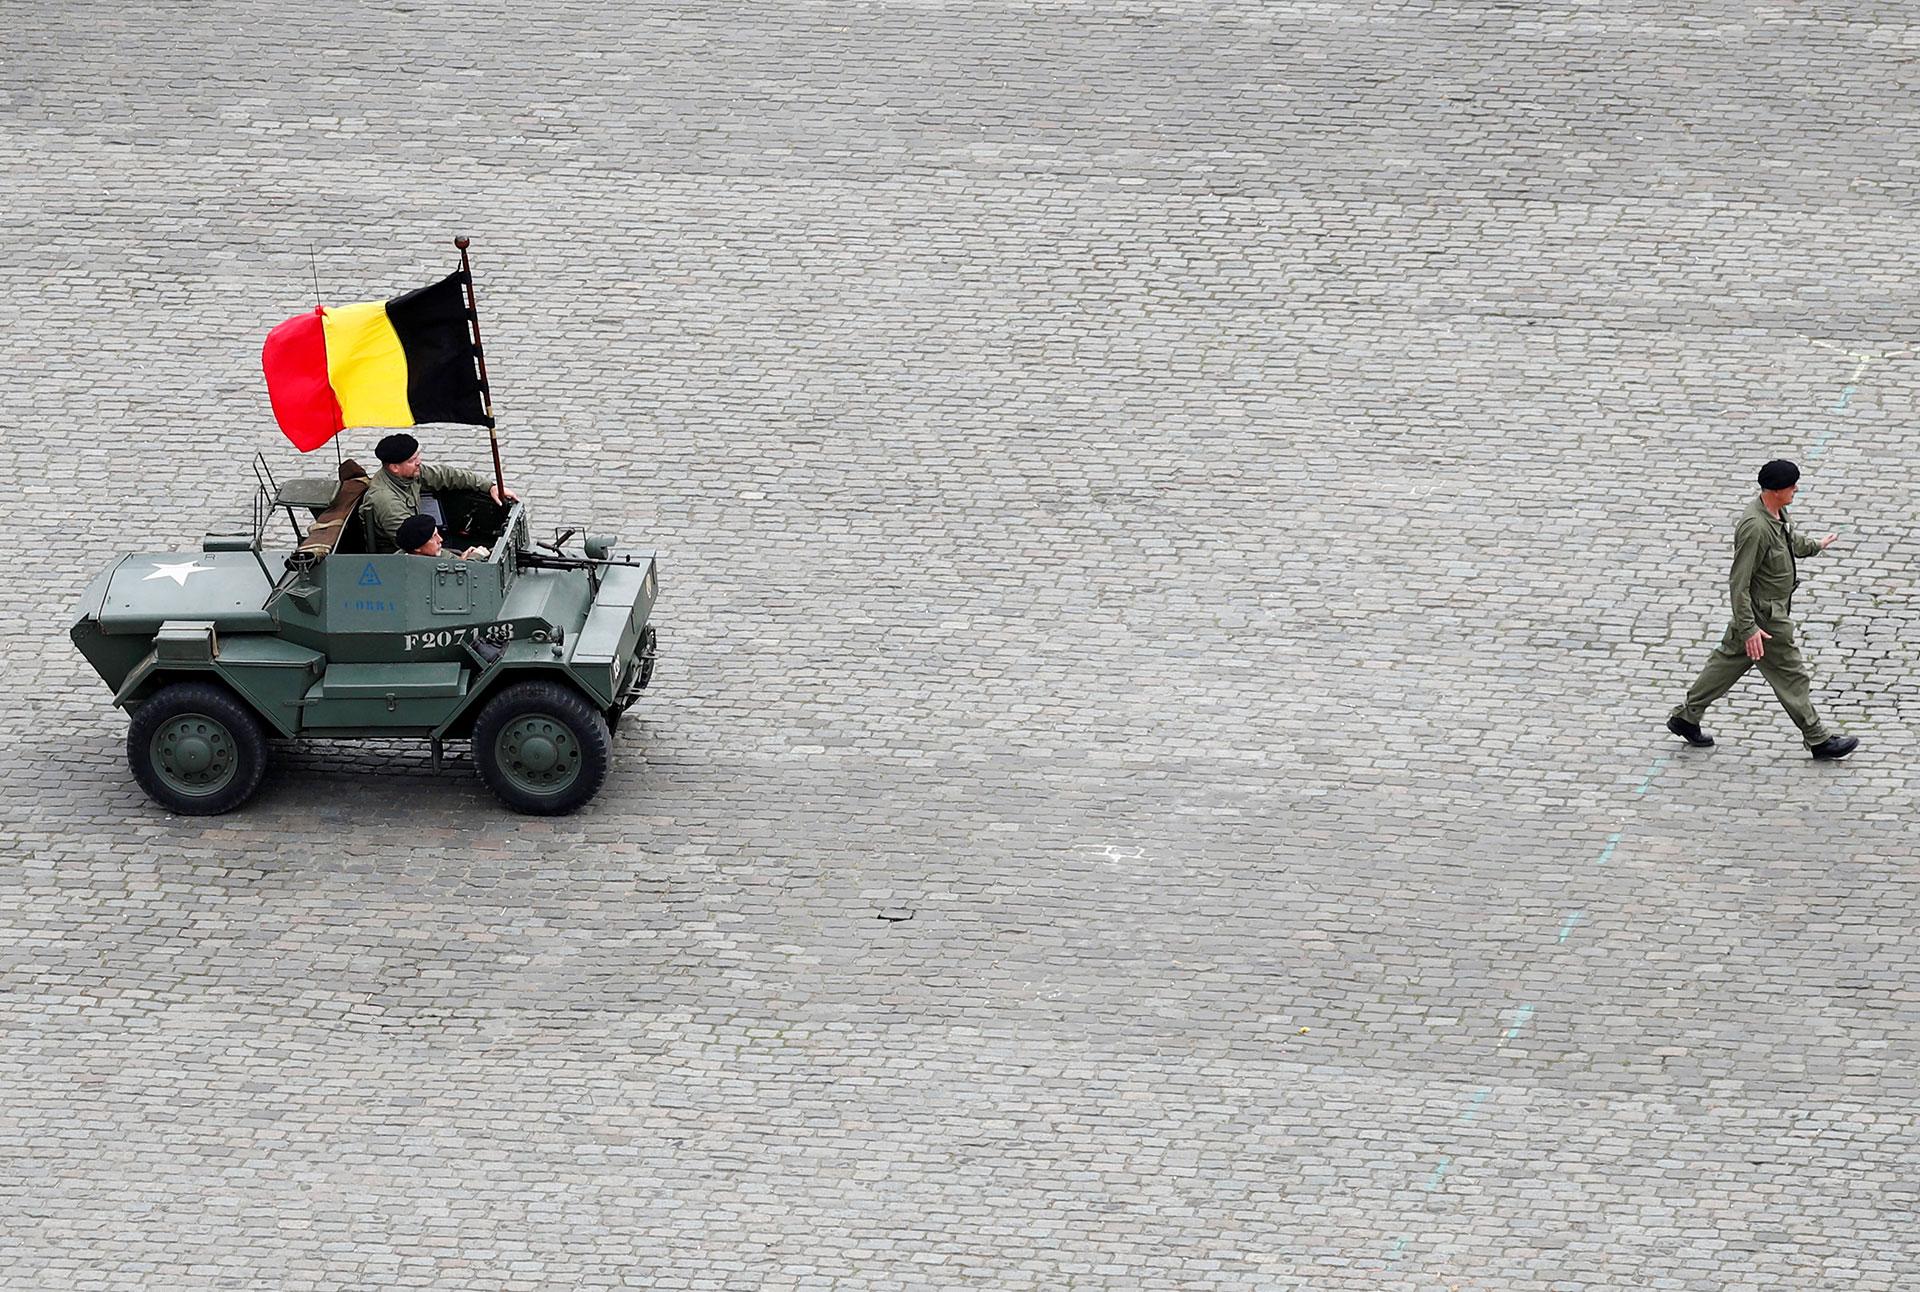 Un vehículo de reconocimiento británico lleva la bandera belga (Reuters)